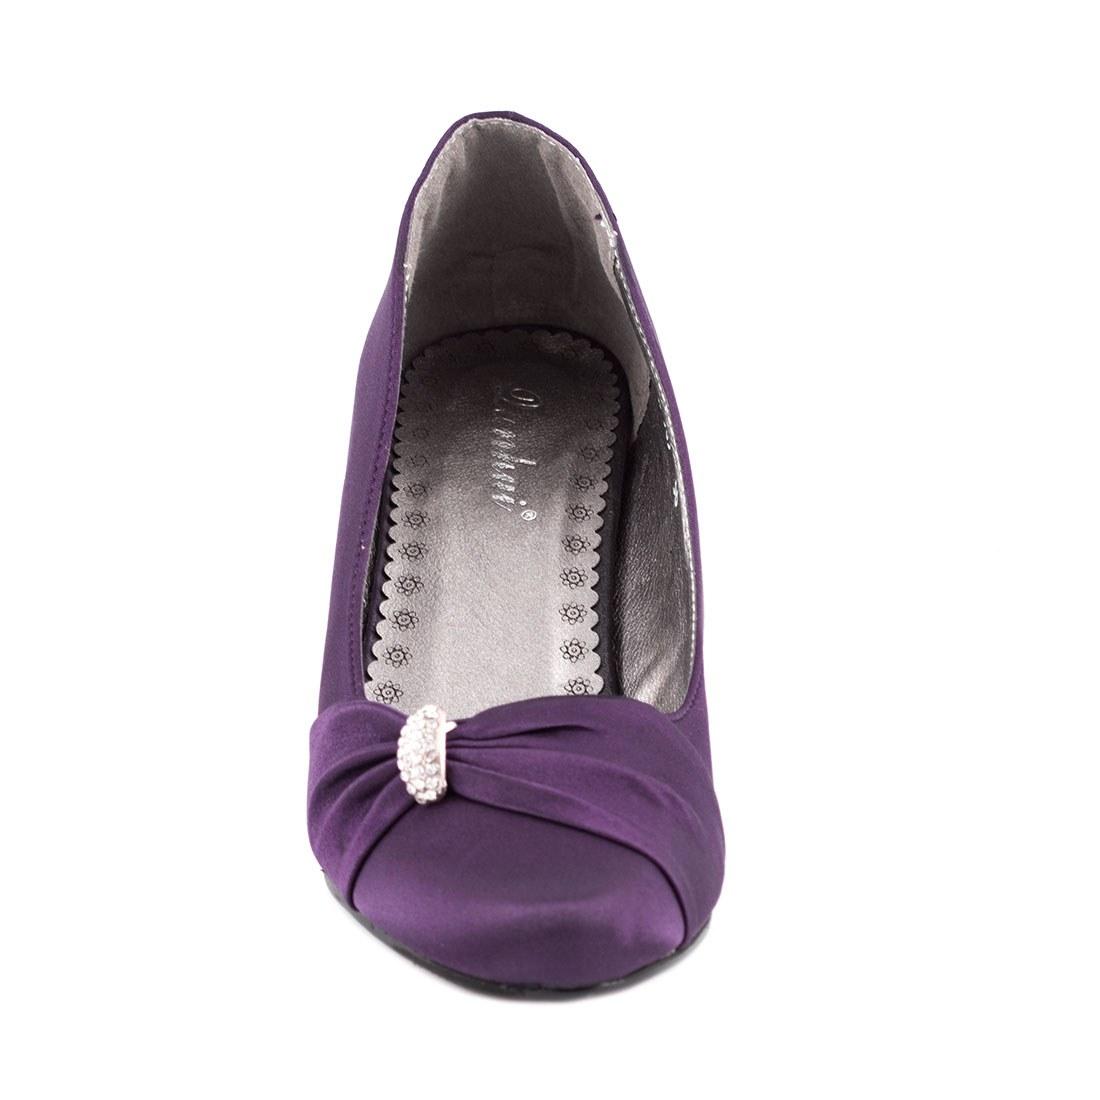 Pantofi dama cu toc A585PURPLE